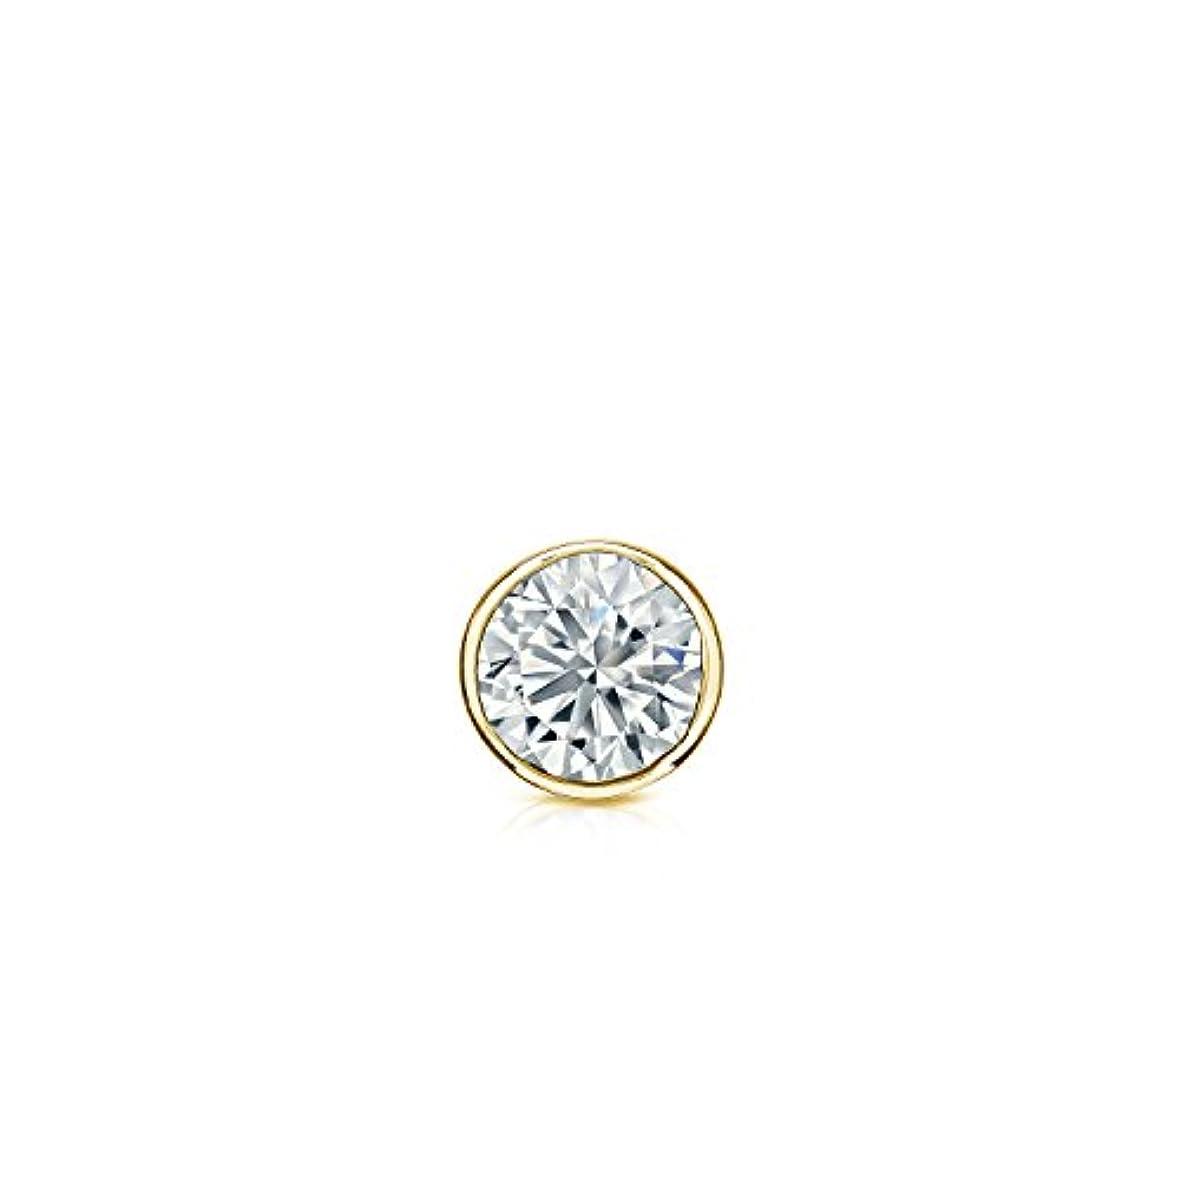 木集中的なヒステリック14 Kゴールドbezel-setラウンドダイヤモンドシングルスタッドイヤリング( 1 / 8 – 1 CT、Oホワイト、i1 - i2安全ロックバックDisc